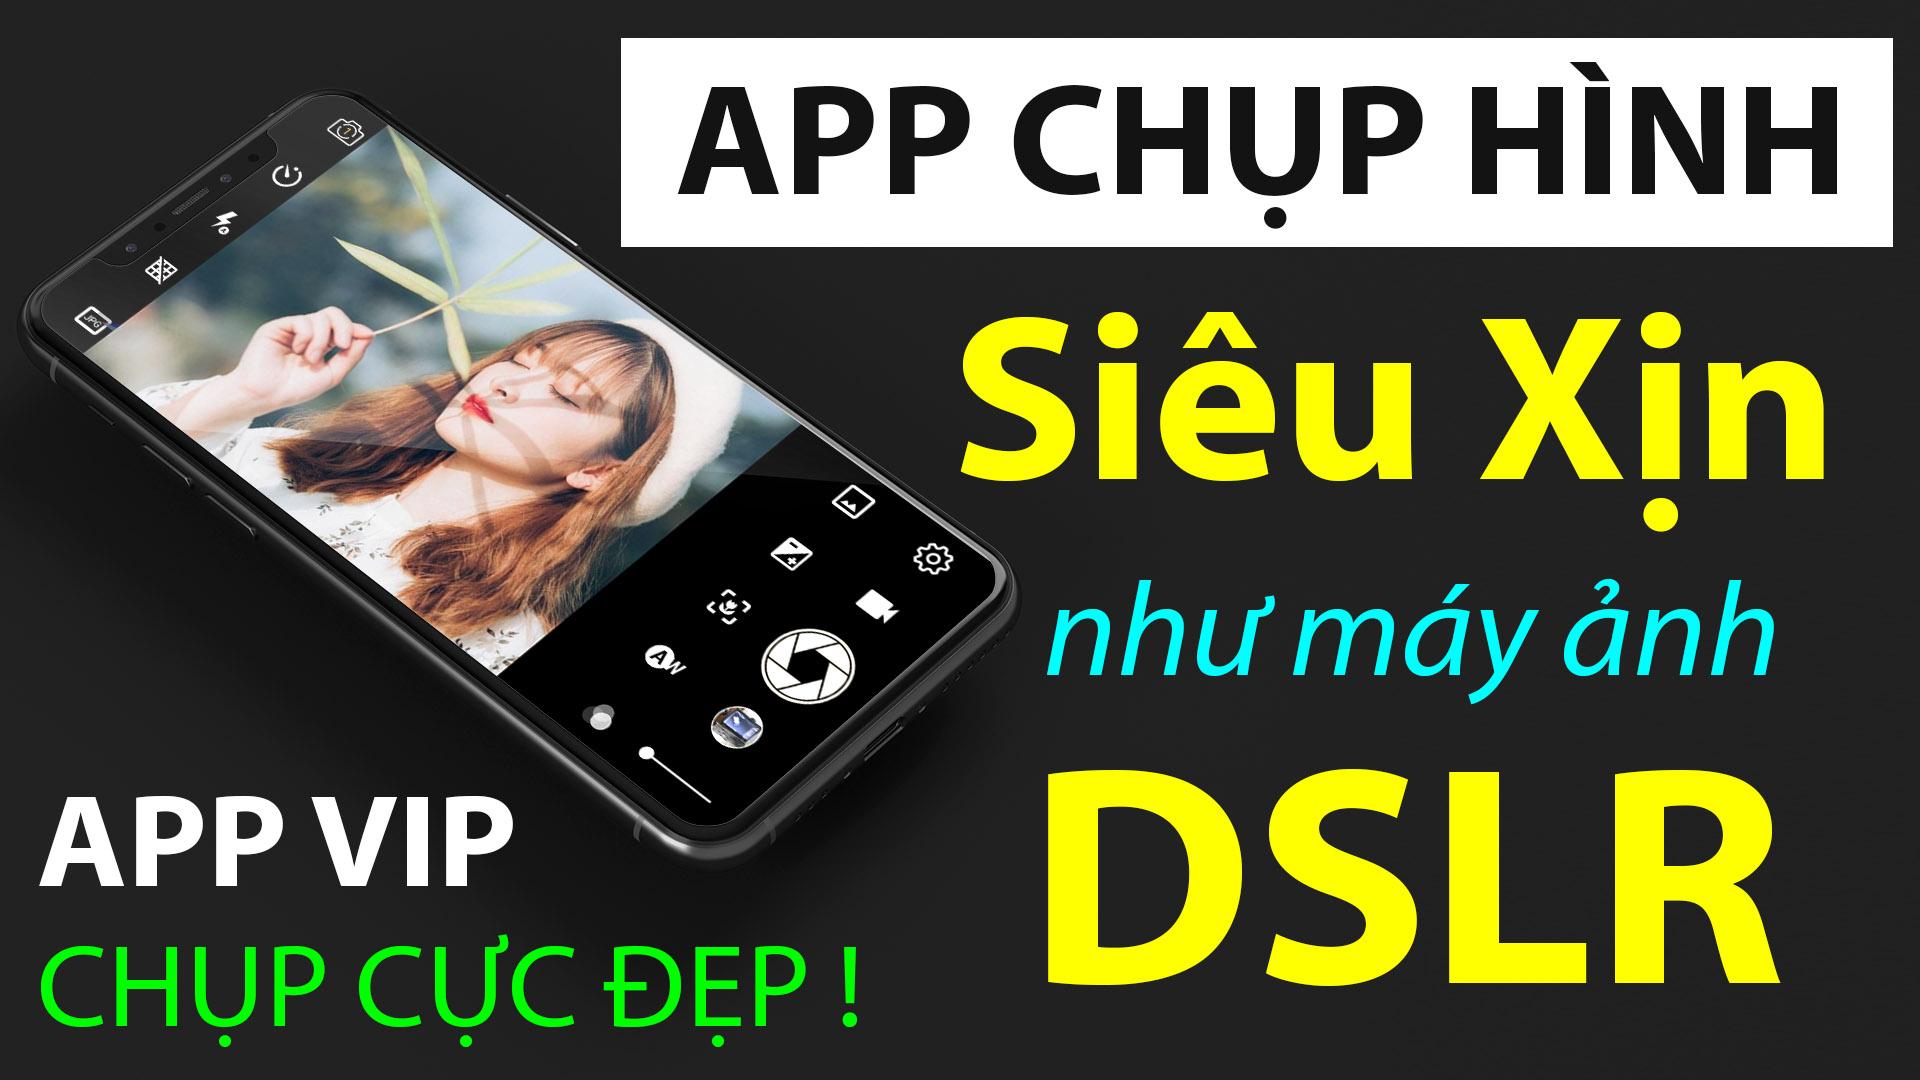 Ứng dụng chụp ảnh Siêu Đẹp như máy DSLR Xịn cho điện thoại Android. AE cài thử chưa